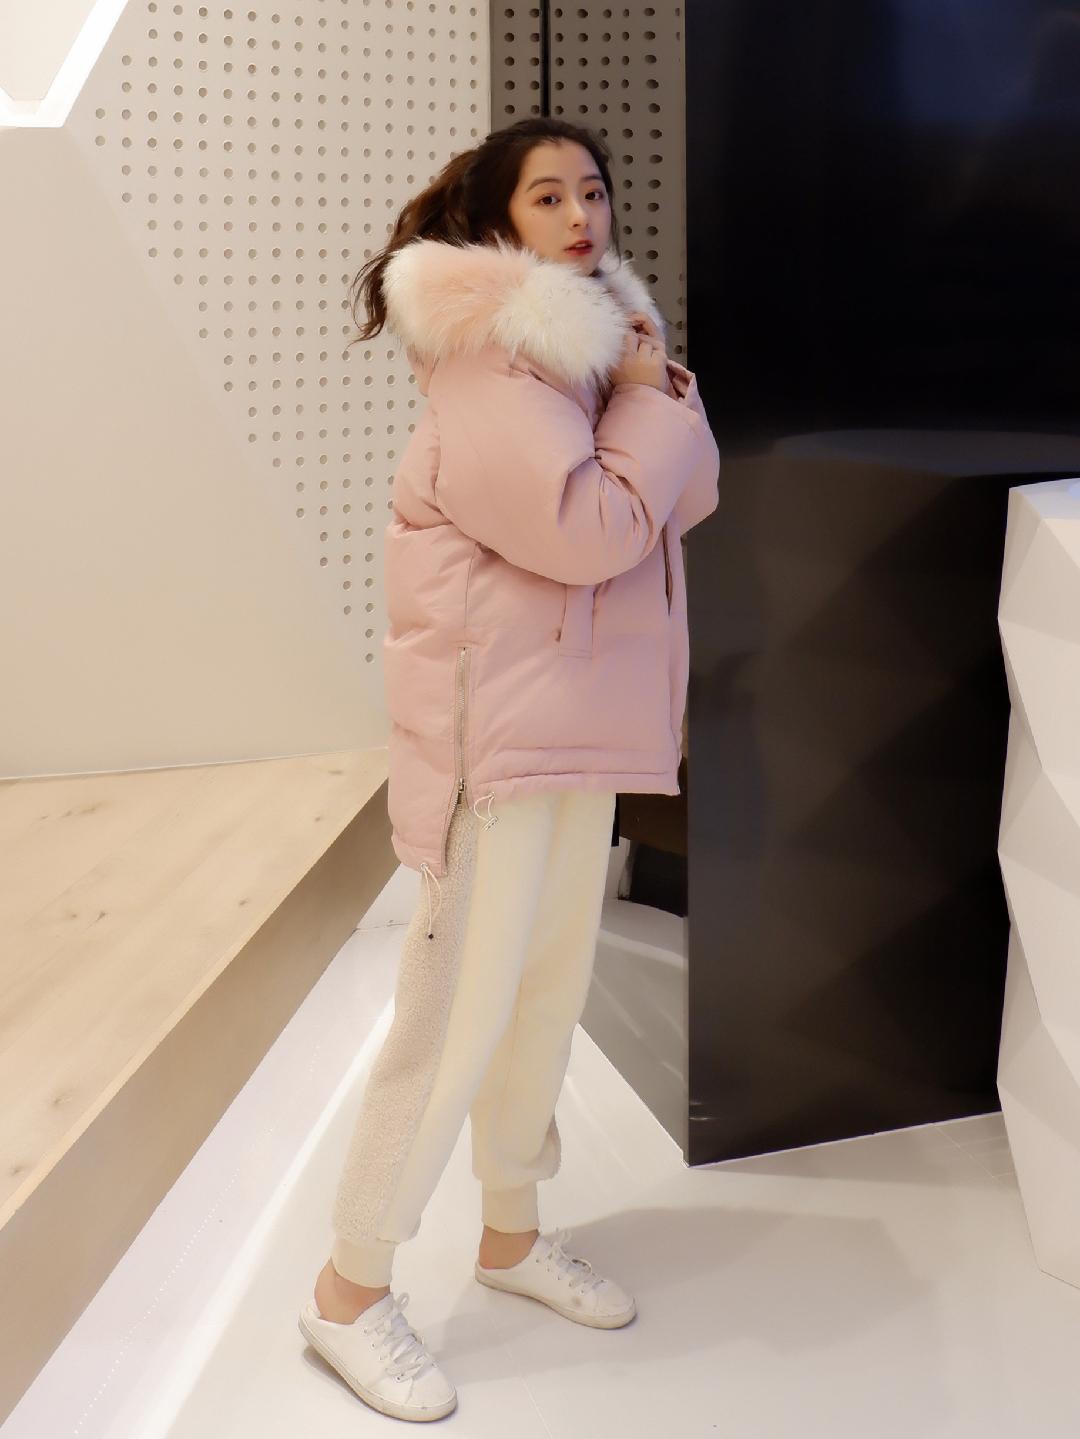 #2018,请受我的温柔一刀~#温柔女孩必备的粉色羽绒服 关键是短款其实对于小个子来说真的相当重要 感觉喜欢上之后完全不显得臃肿的同时显得人又温柔又可爱毛毛的设计也很特别 超级保暖 一摸就知道 爱上啦